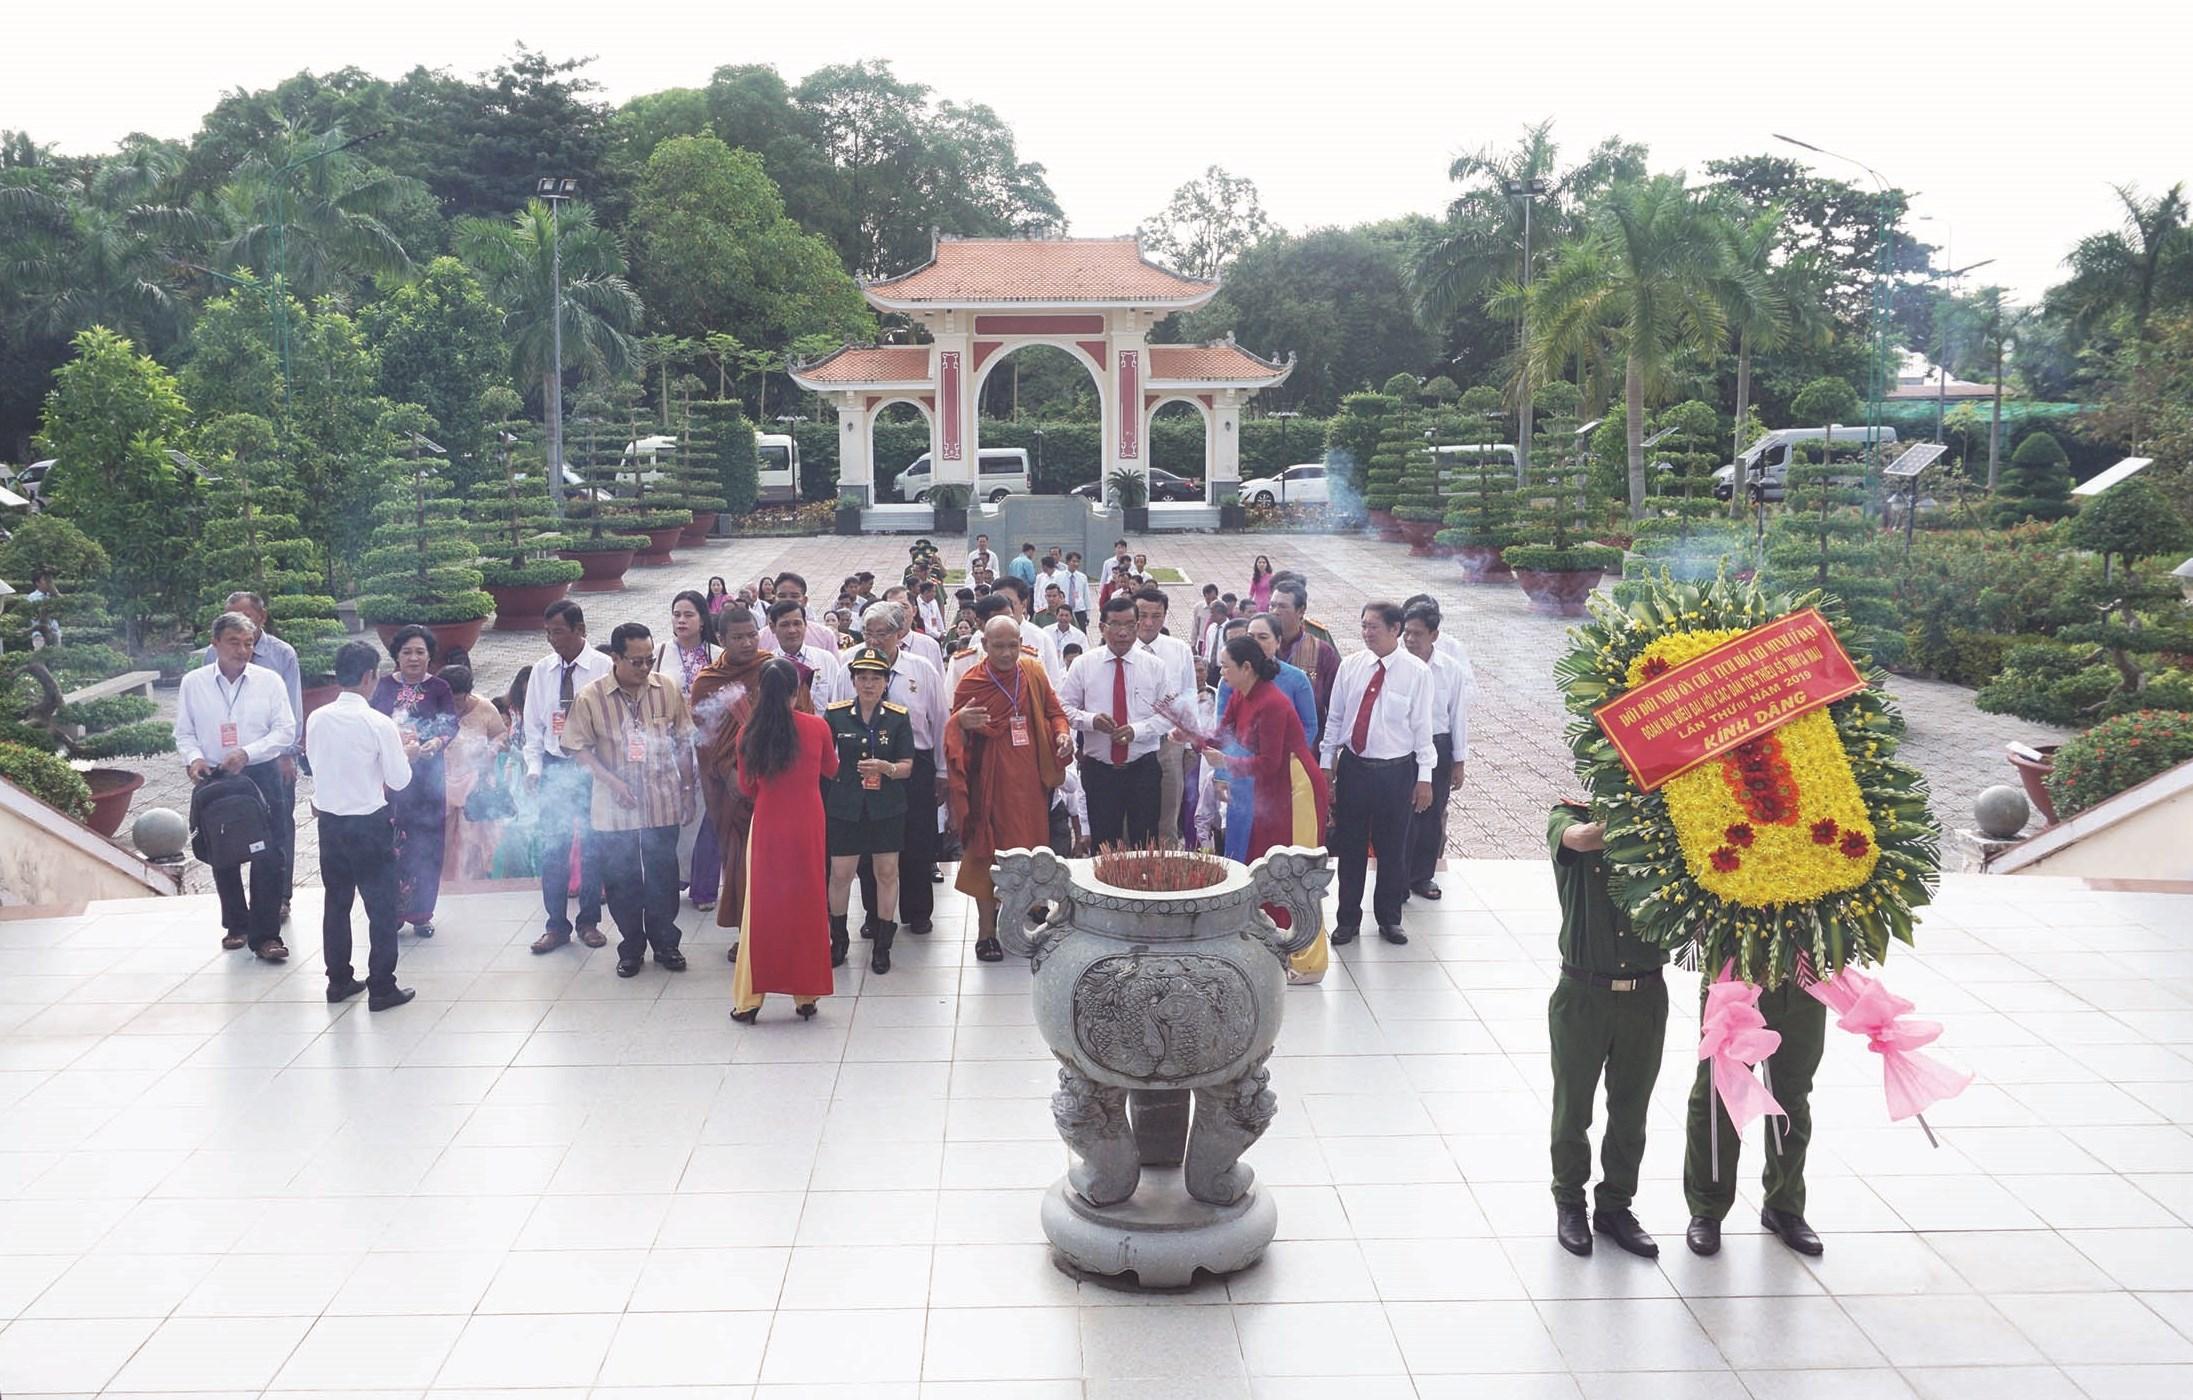 Đoàn đại biểu các DTTS tỉnh Cà Mau đến viếng đền thờ Bác trước ngày khai mạc Đại hội Đại biểu DTTS tỉnh năm 2019.